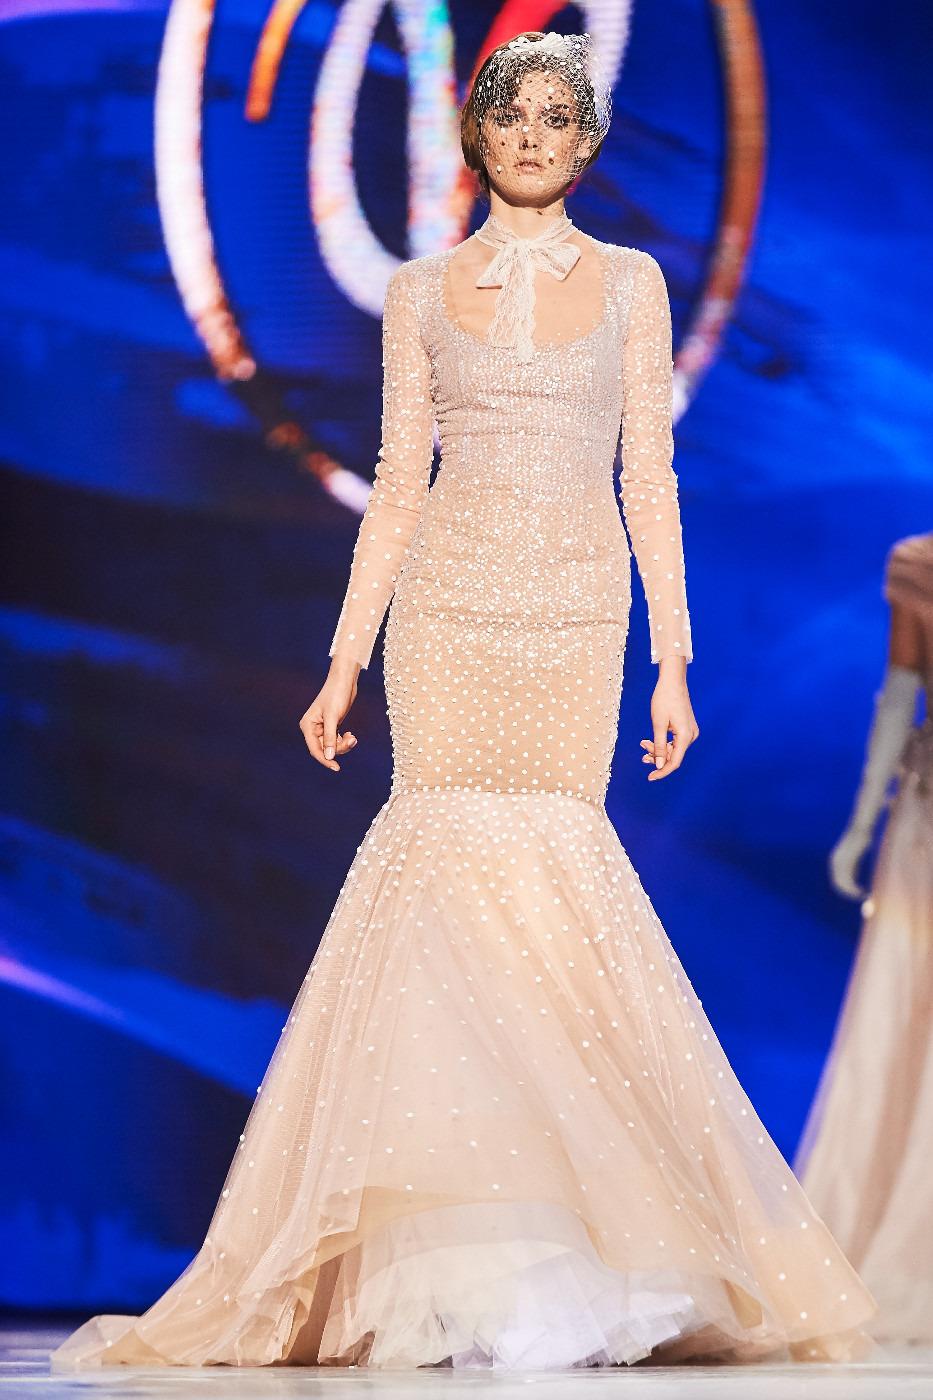 Фото платьев с праздничного шоу валентина юдашкина 2012 6